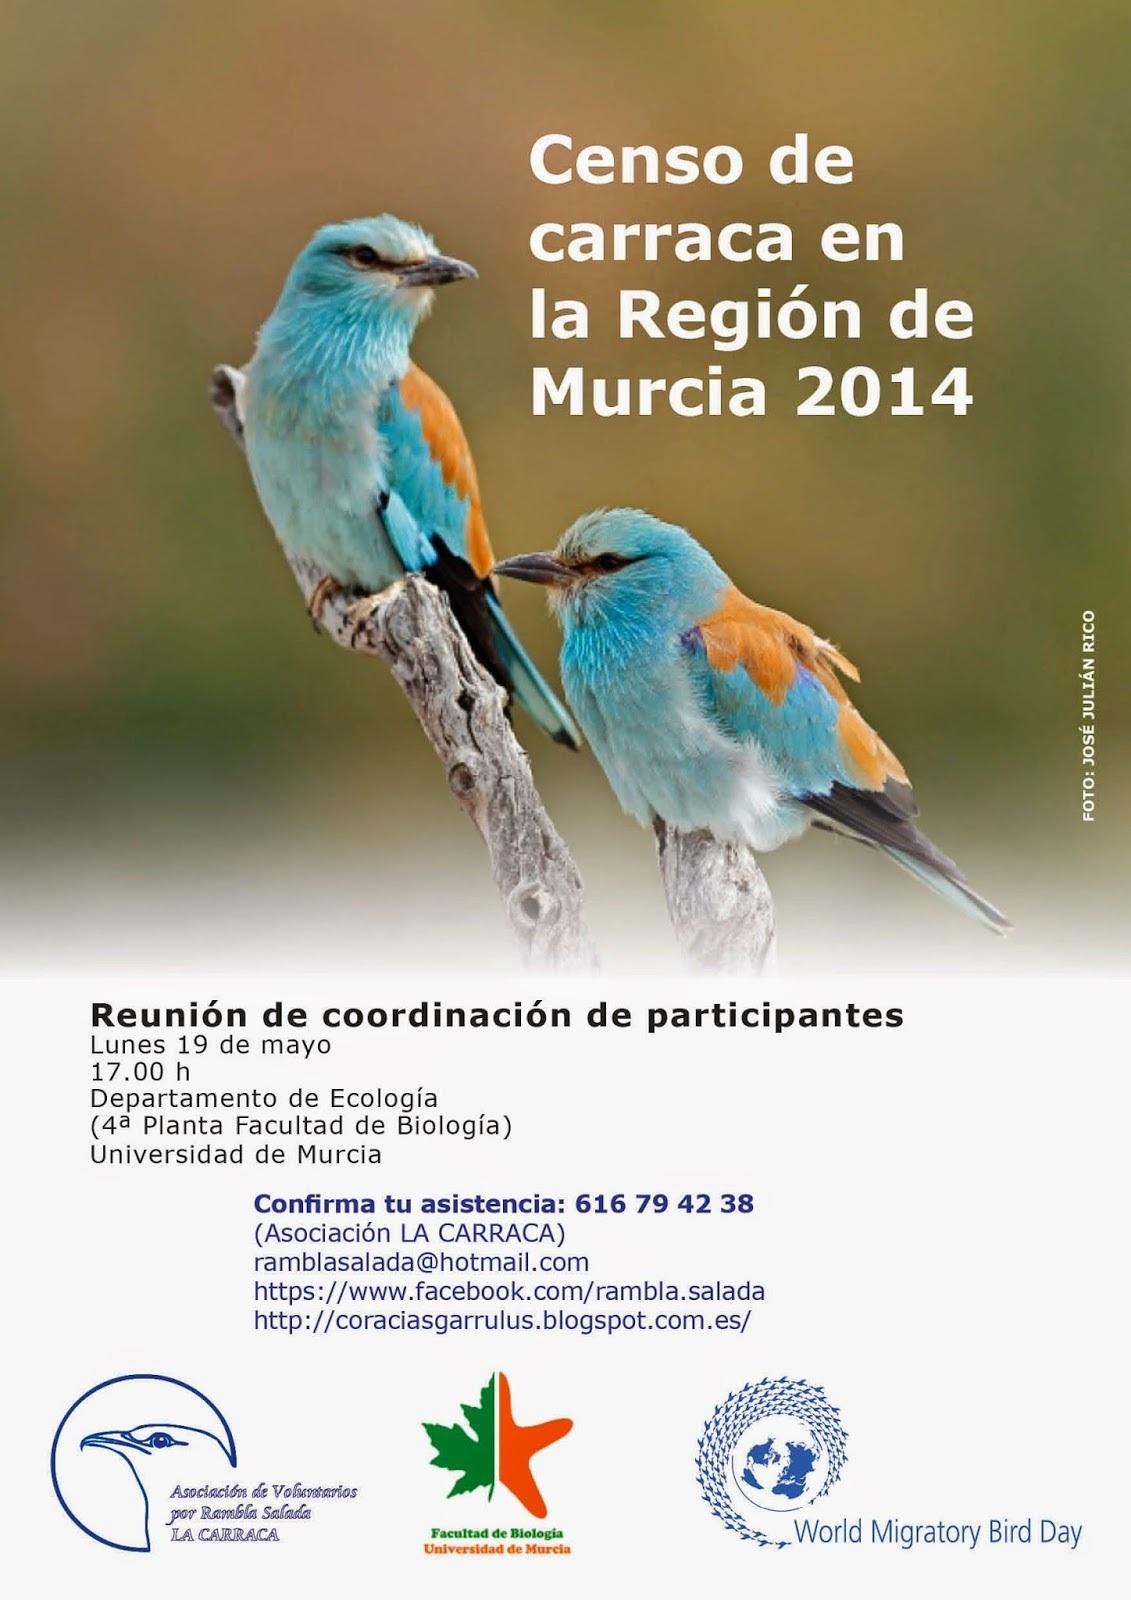 Reunión de participantes en el censo de la carraca